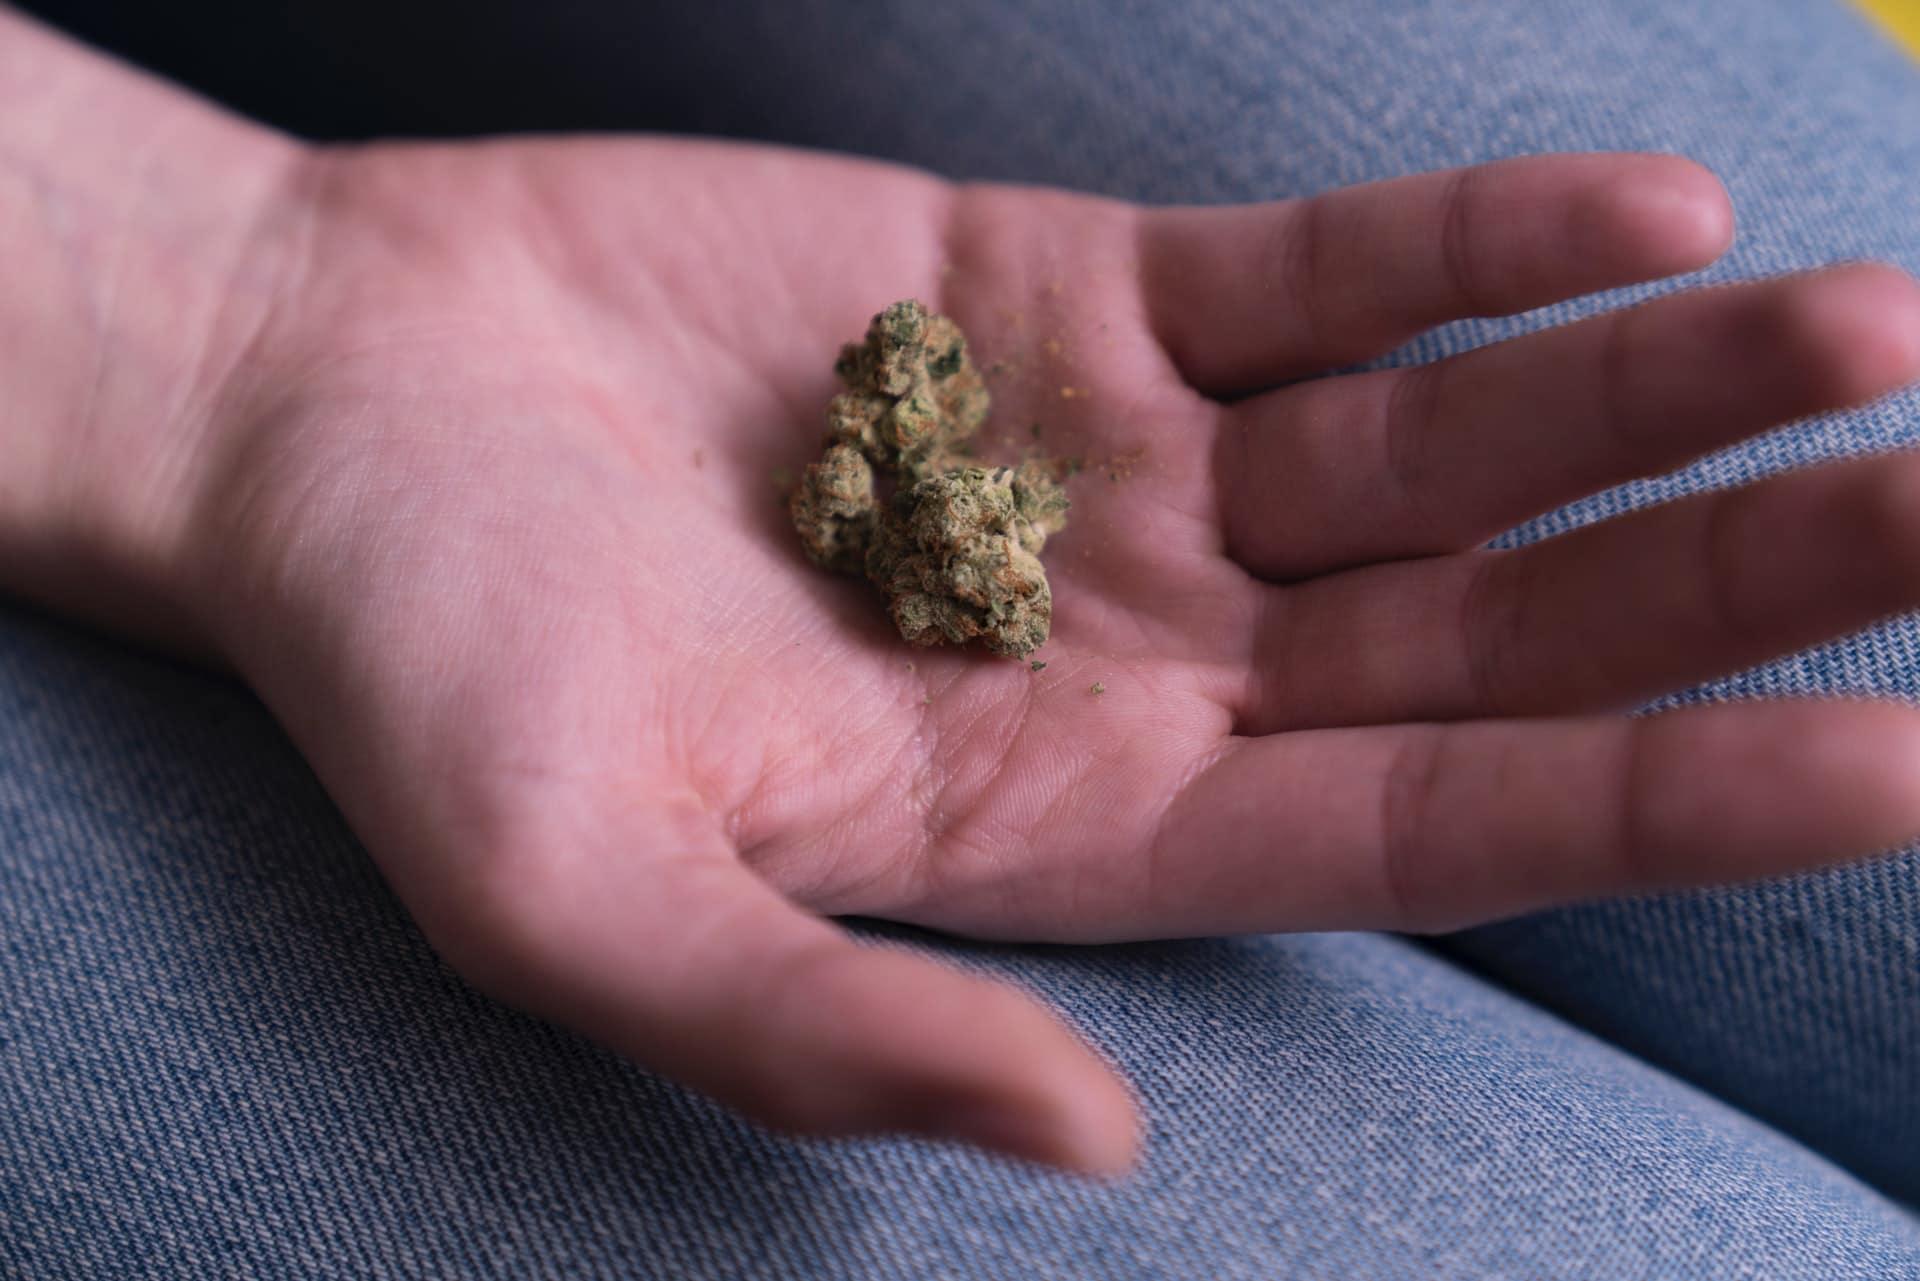 Nación Cannabis | De qué manera el cannabis afecta al sistema inmune